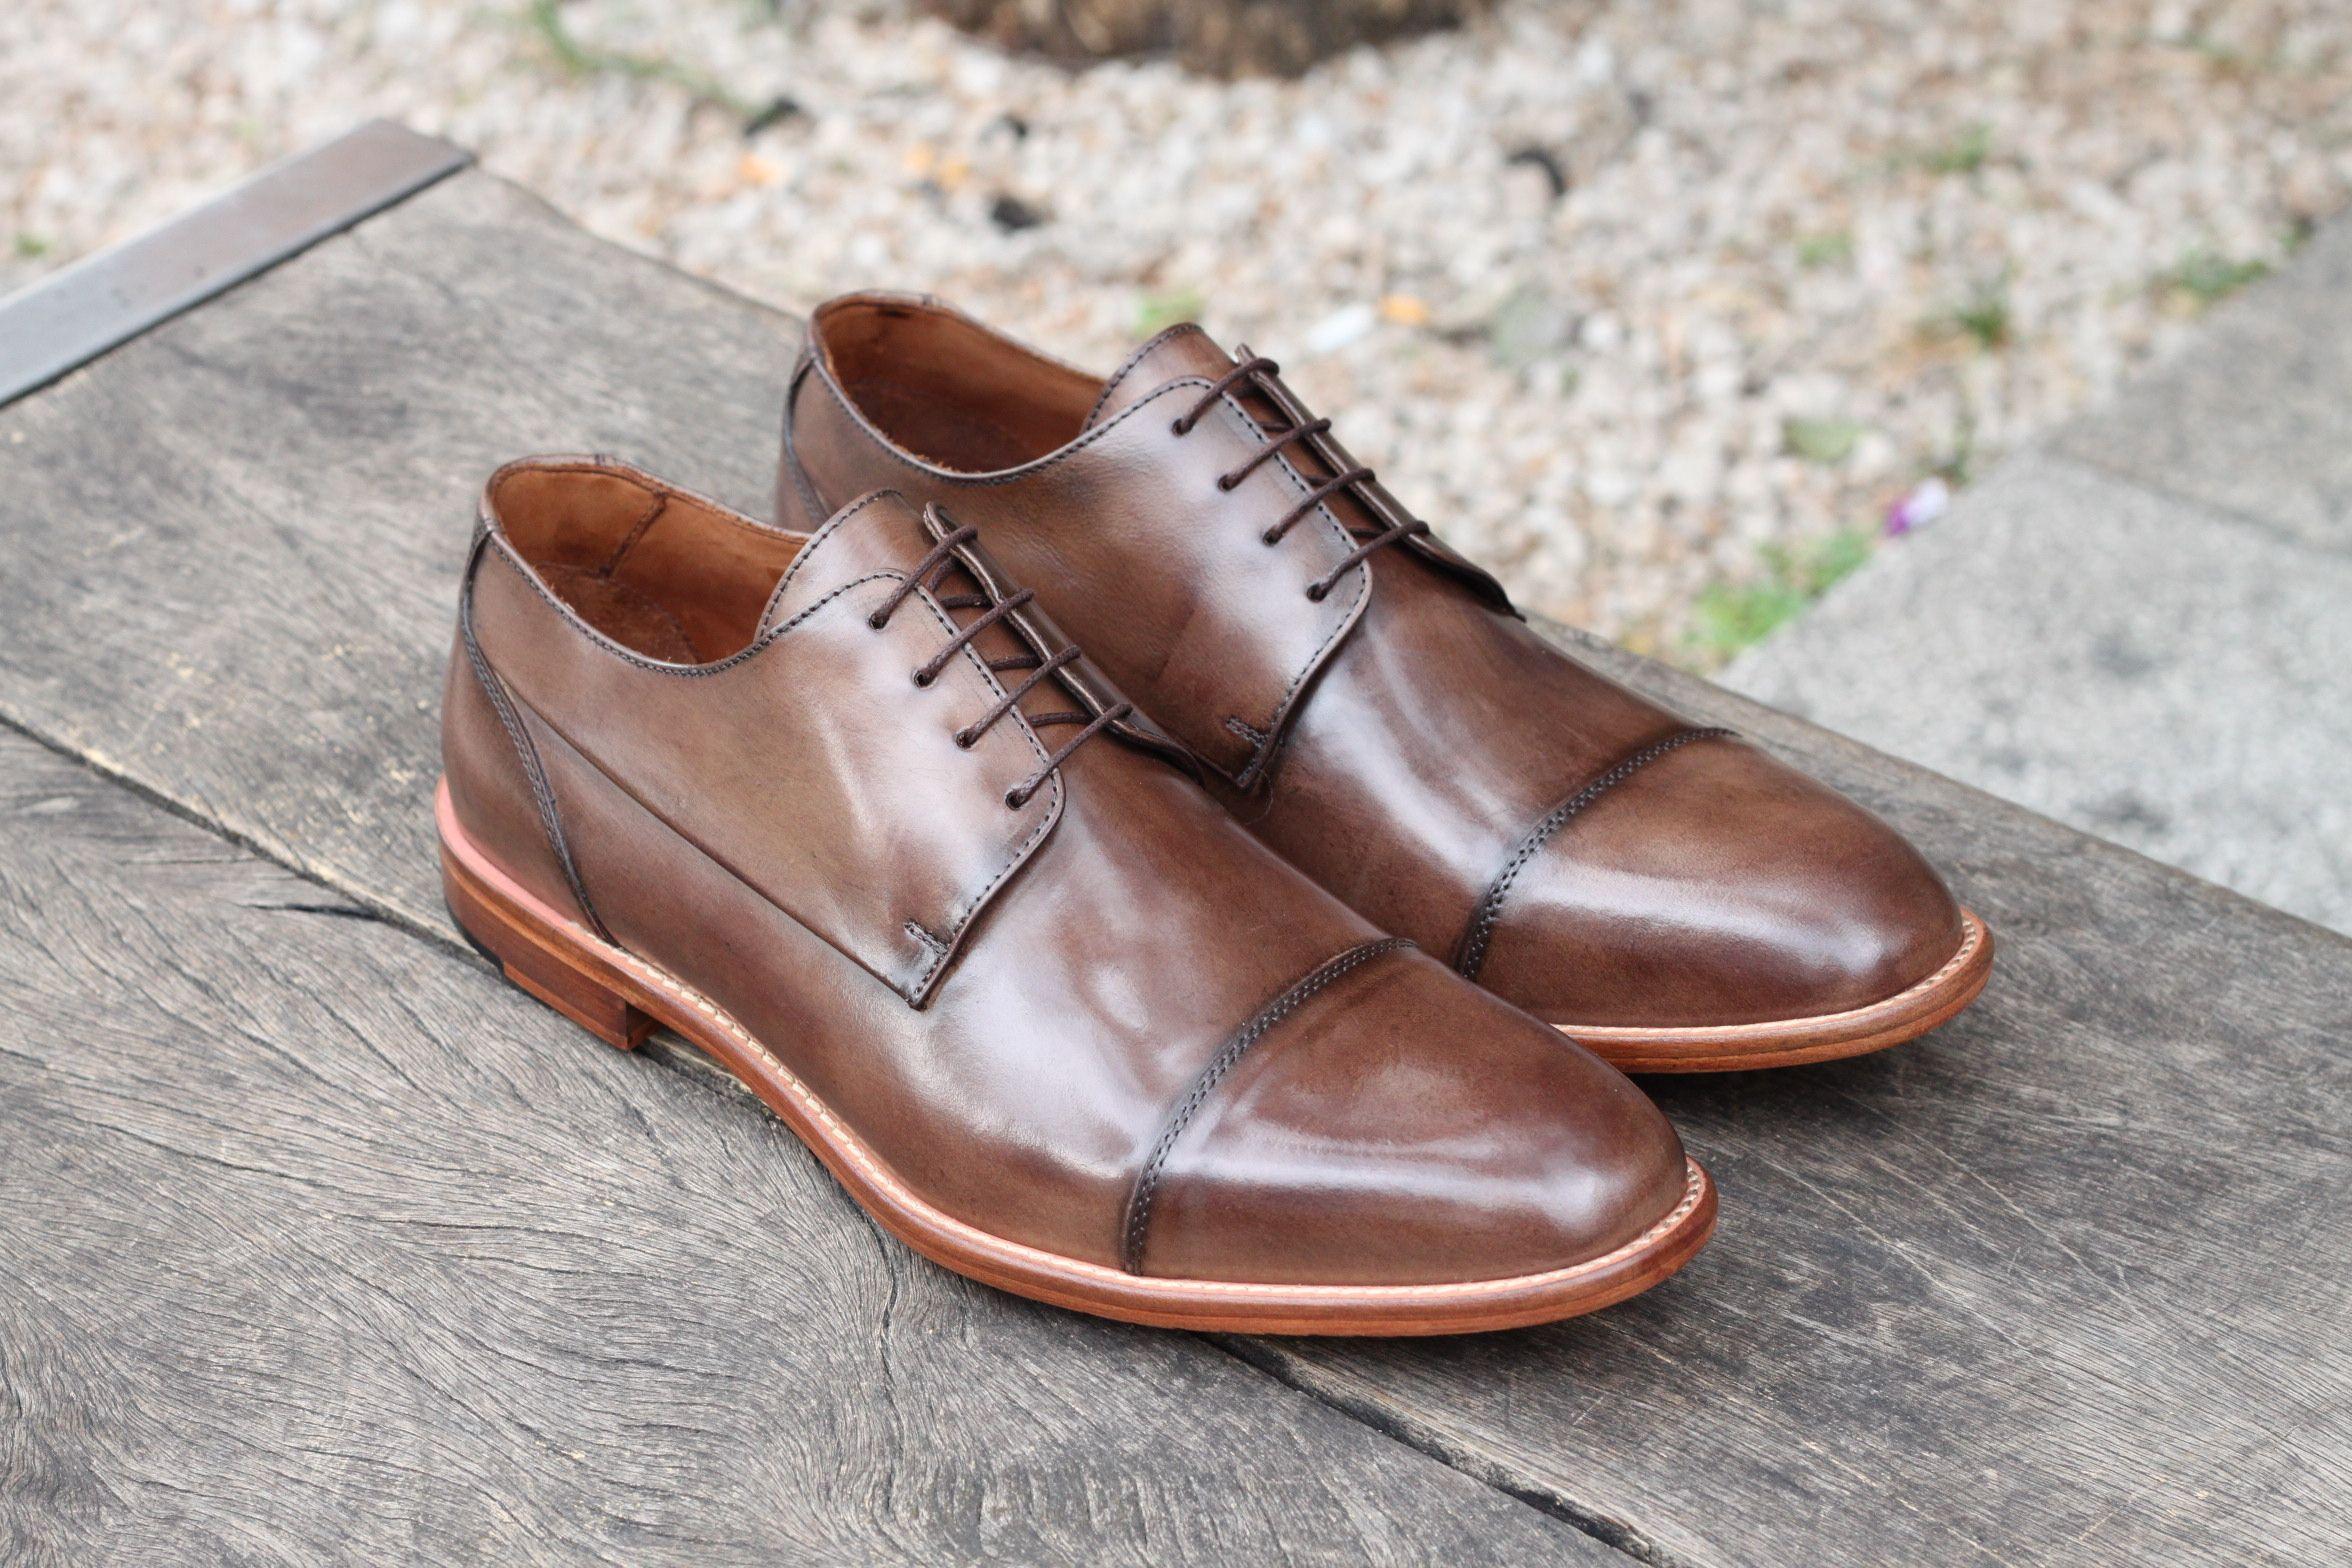 372da3341 Sapato Social Masculino Derby CNS em couro cor Sand com sola de couro e  forro em